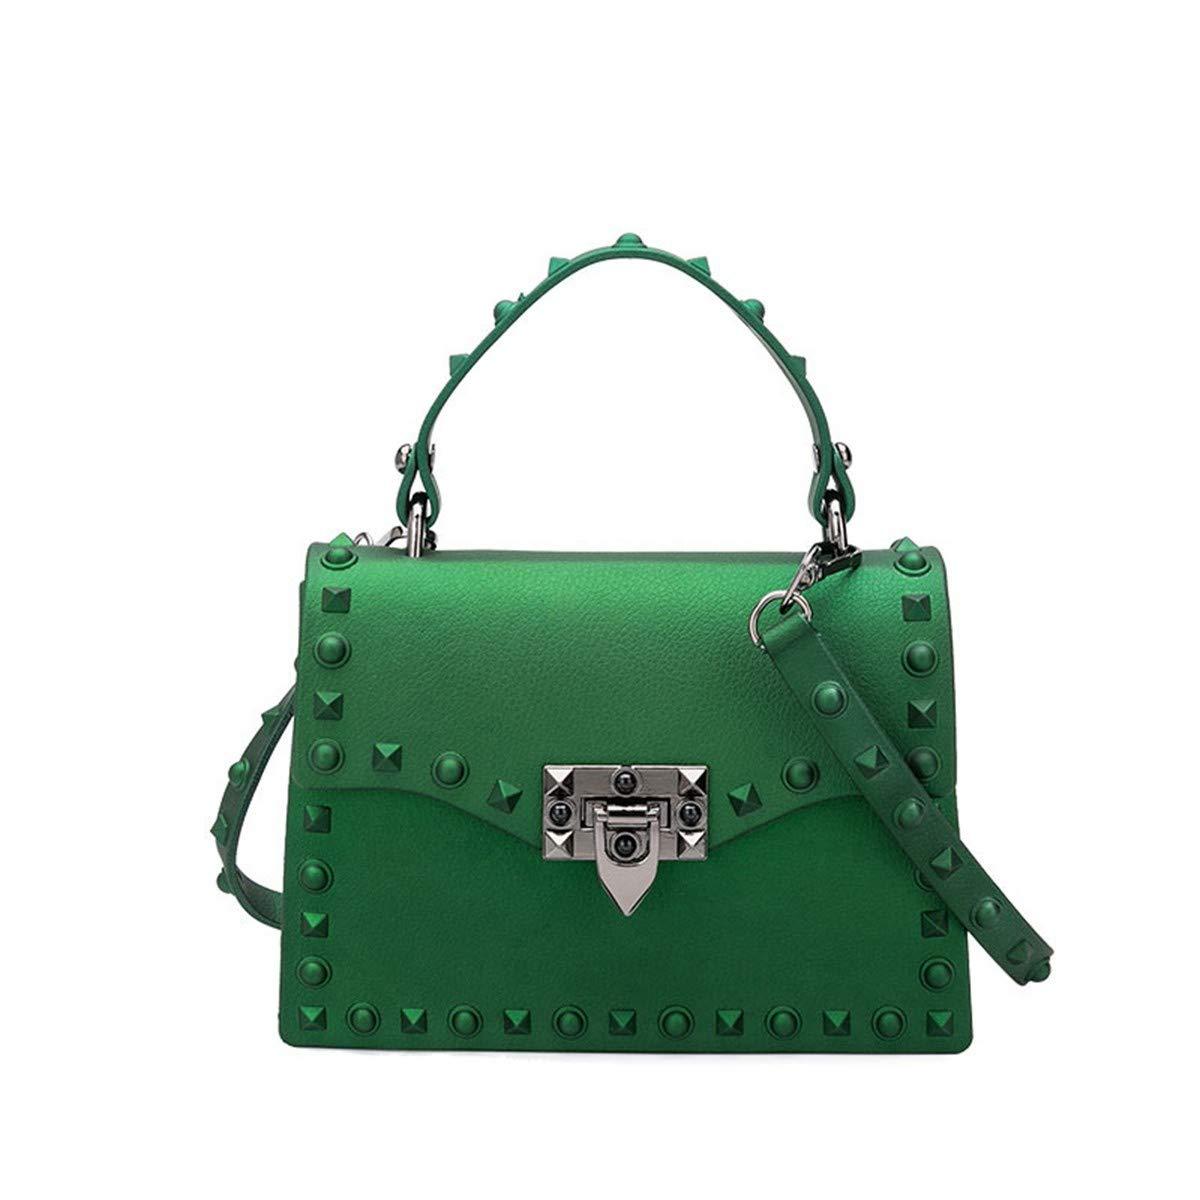 e477780792177 Lianaizog Damenhandtasche Jelly Jelly Jelly Bag Fashion Frauen Pu Leder  Umh auml ngetasche Damen Umh auml ngetasche B07KW5YT4Q Umhngetaschen Hohe  Qualität ...